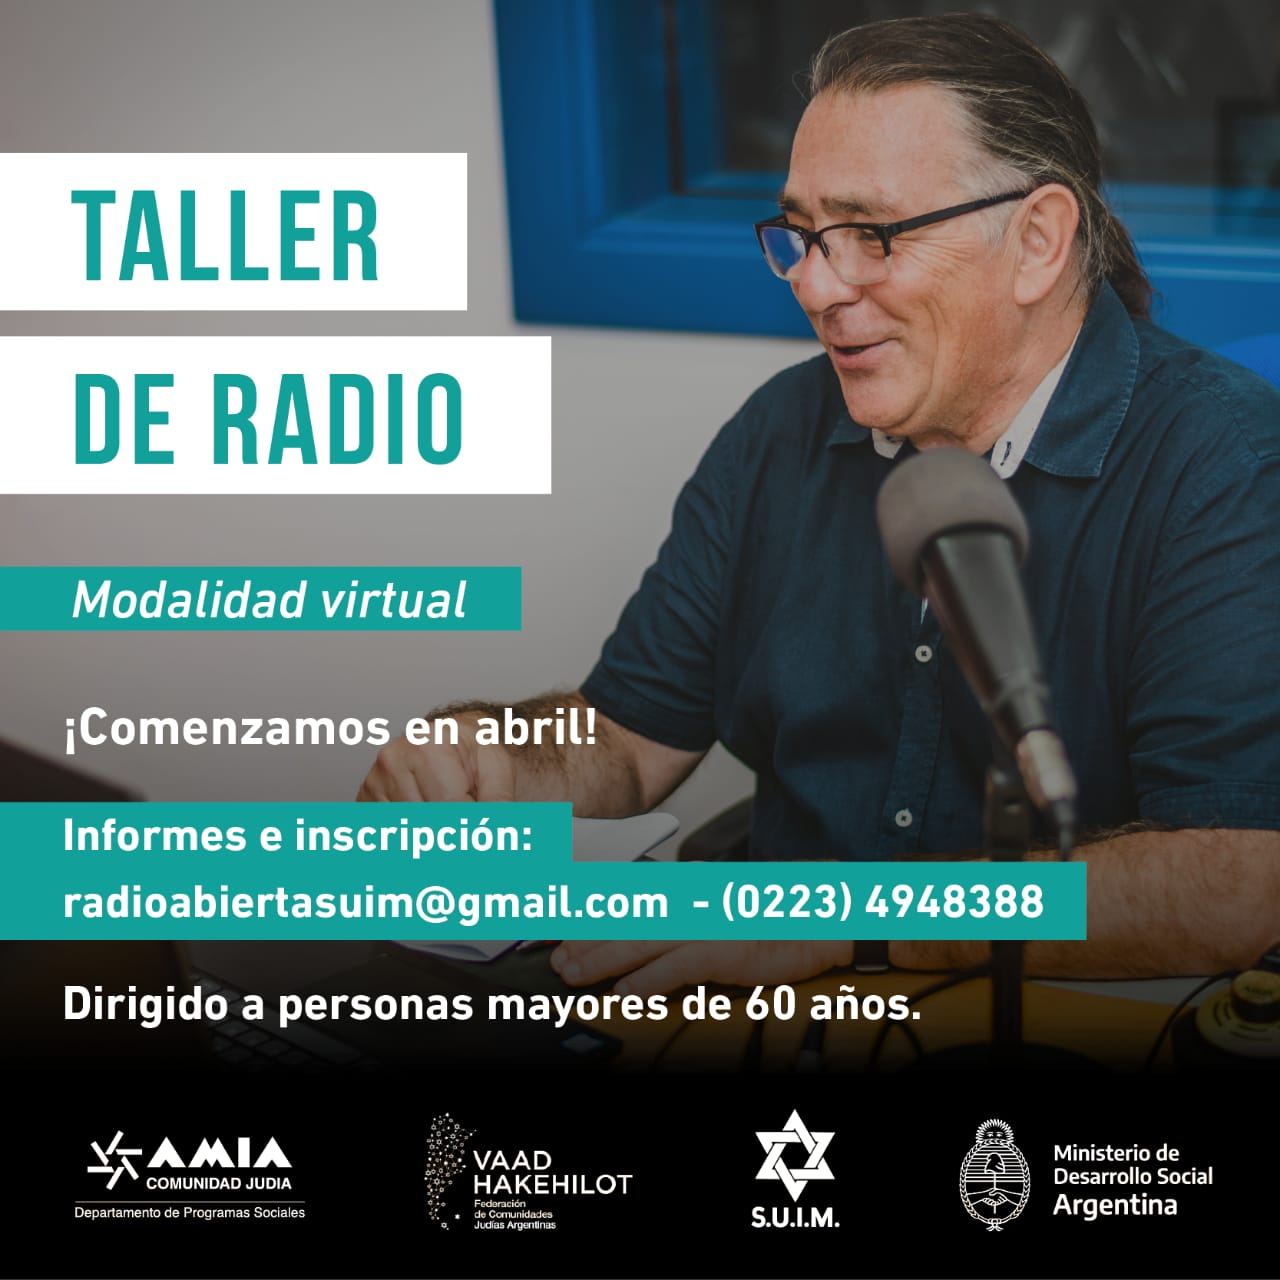 La DINAPAM convoca a adultos mayores a participar de un taller de radio gratuito